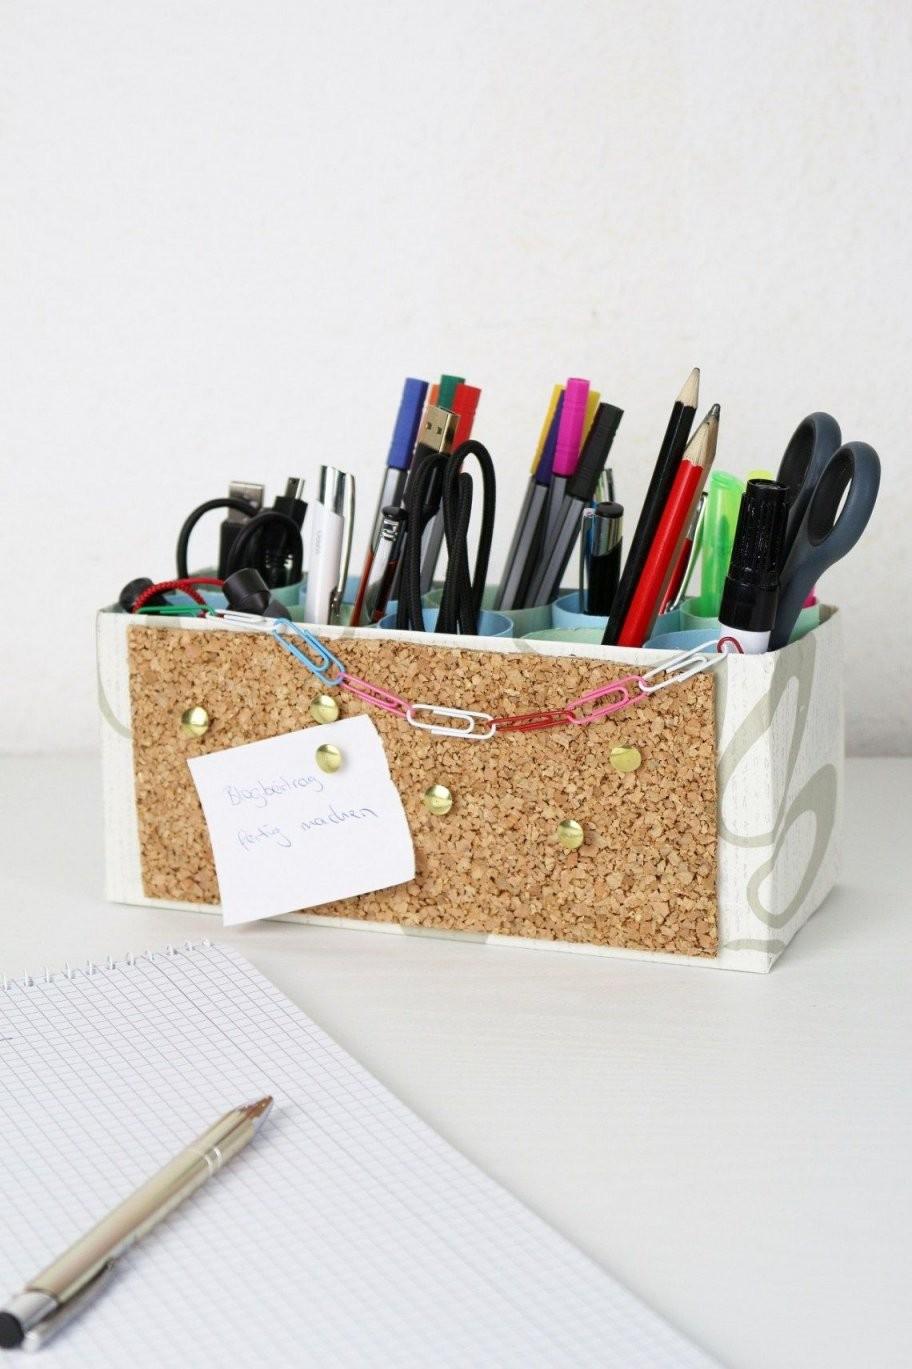 Diy Stiftehalter Mit Integrierter Pinnwand Selber Machen  Büro von Stiftehalter Holz Selber Bauen Photo